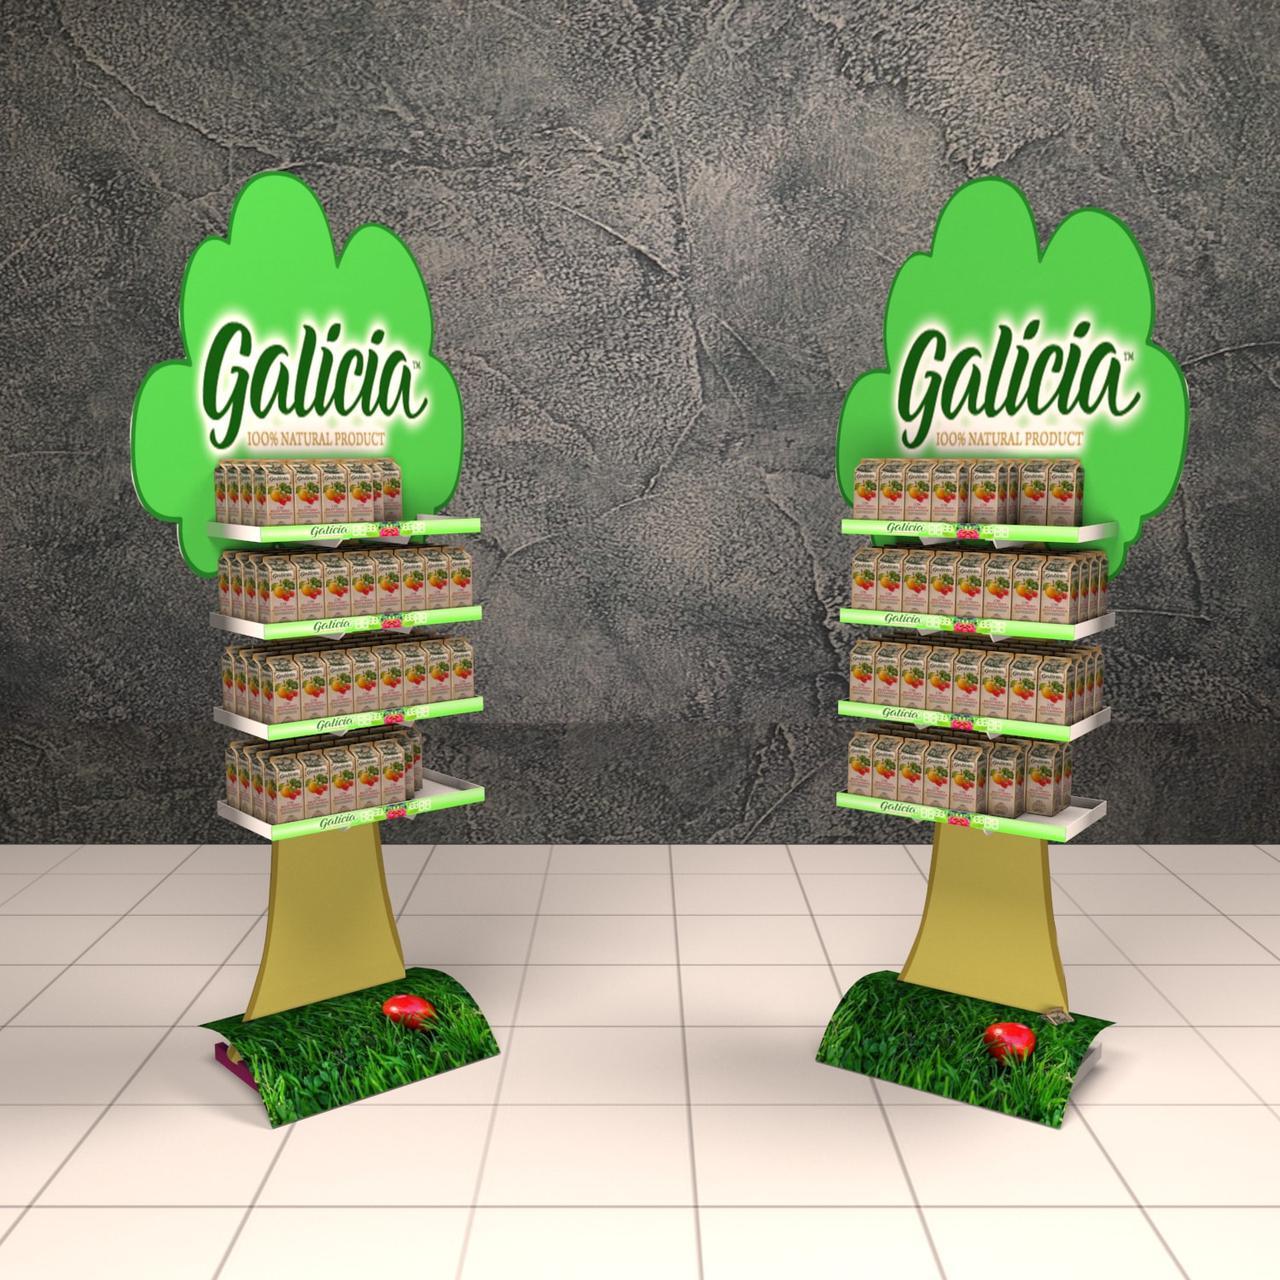 Изготовление торговых стоек Galicia